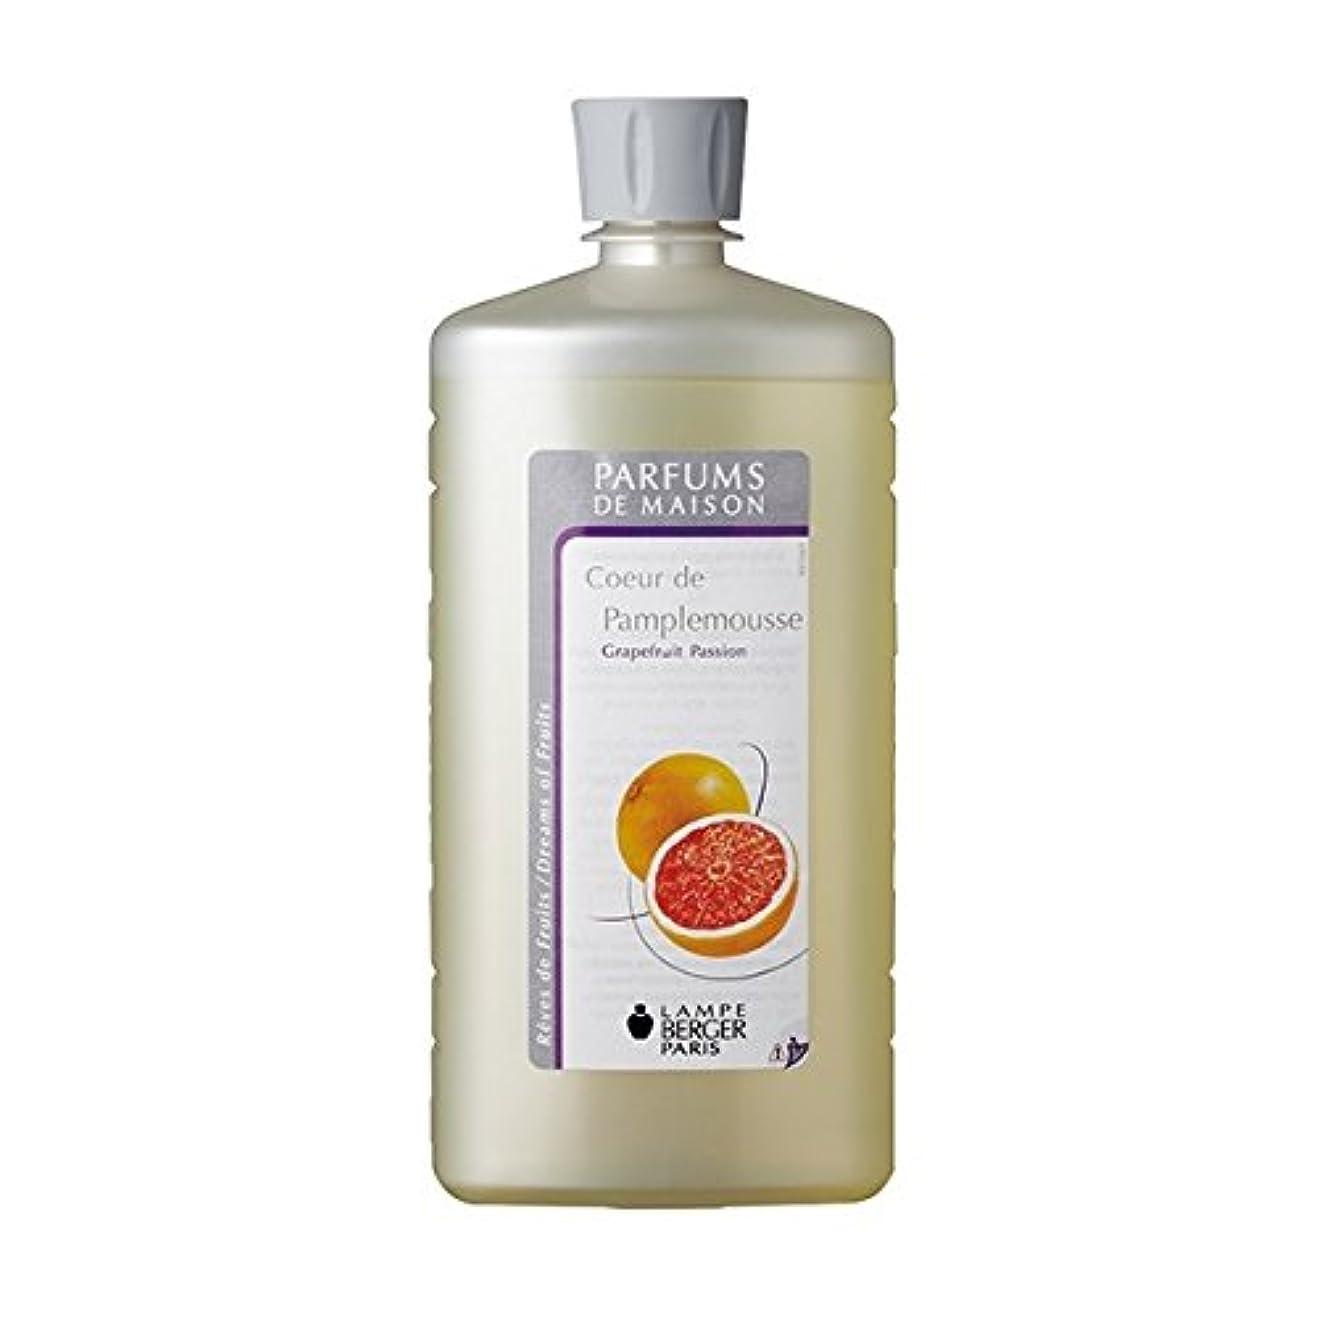 助けになる満足スナックランプベルジェオイル(グレープフルーツ)Coeur de Pamplemousse / Grapefruit Passion